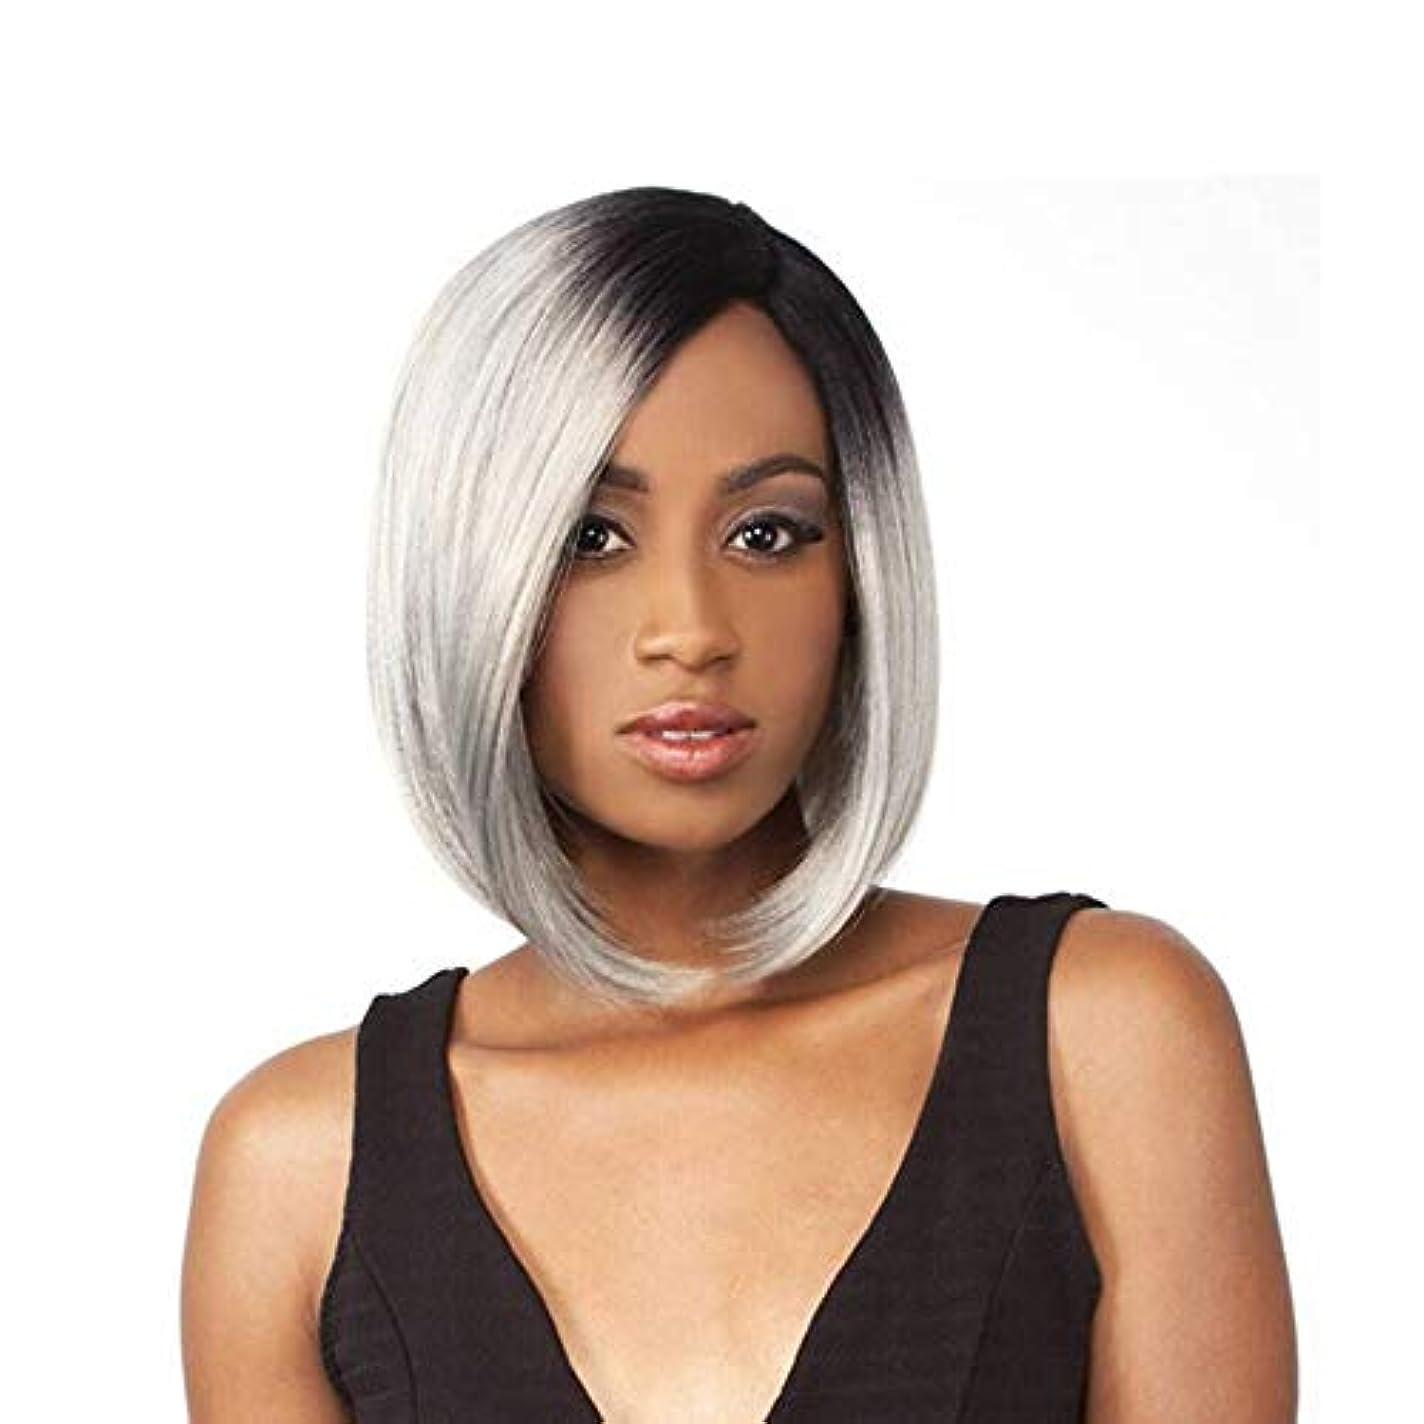 機密生産性バナーWASAIO 黒人女性の人間の髪のための無料キャップ高品質コスプレウィッグとの深いウェーブウィッグショートストレートウィッグシルバーグレー (色 : グレー)